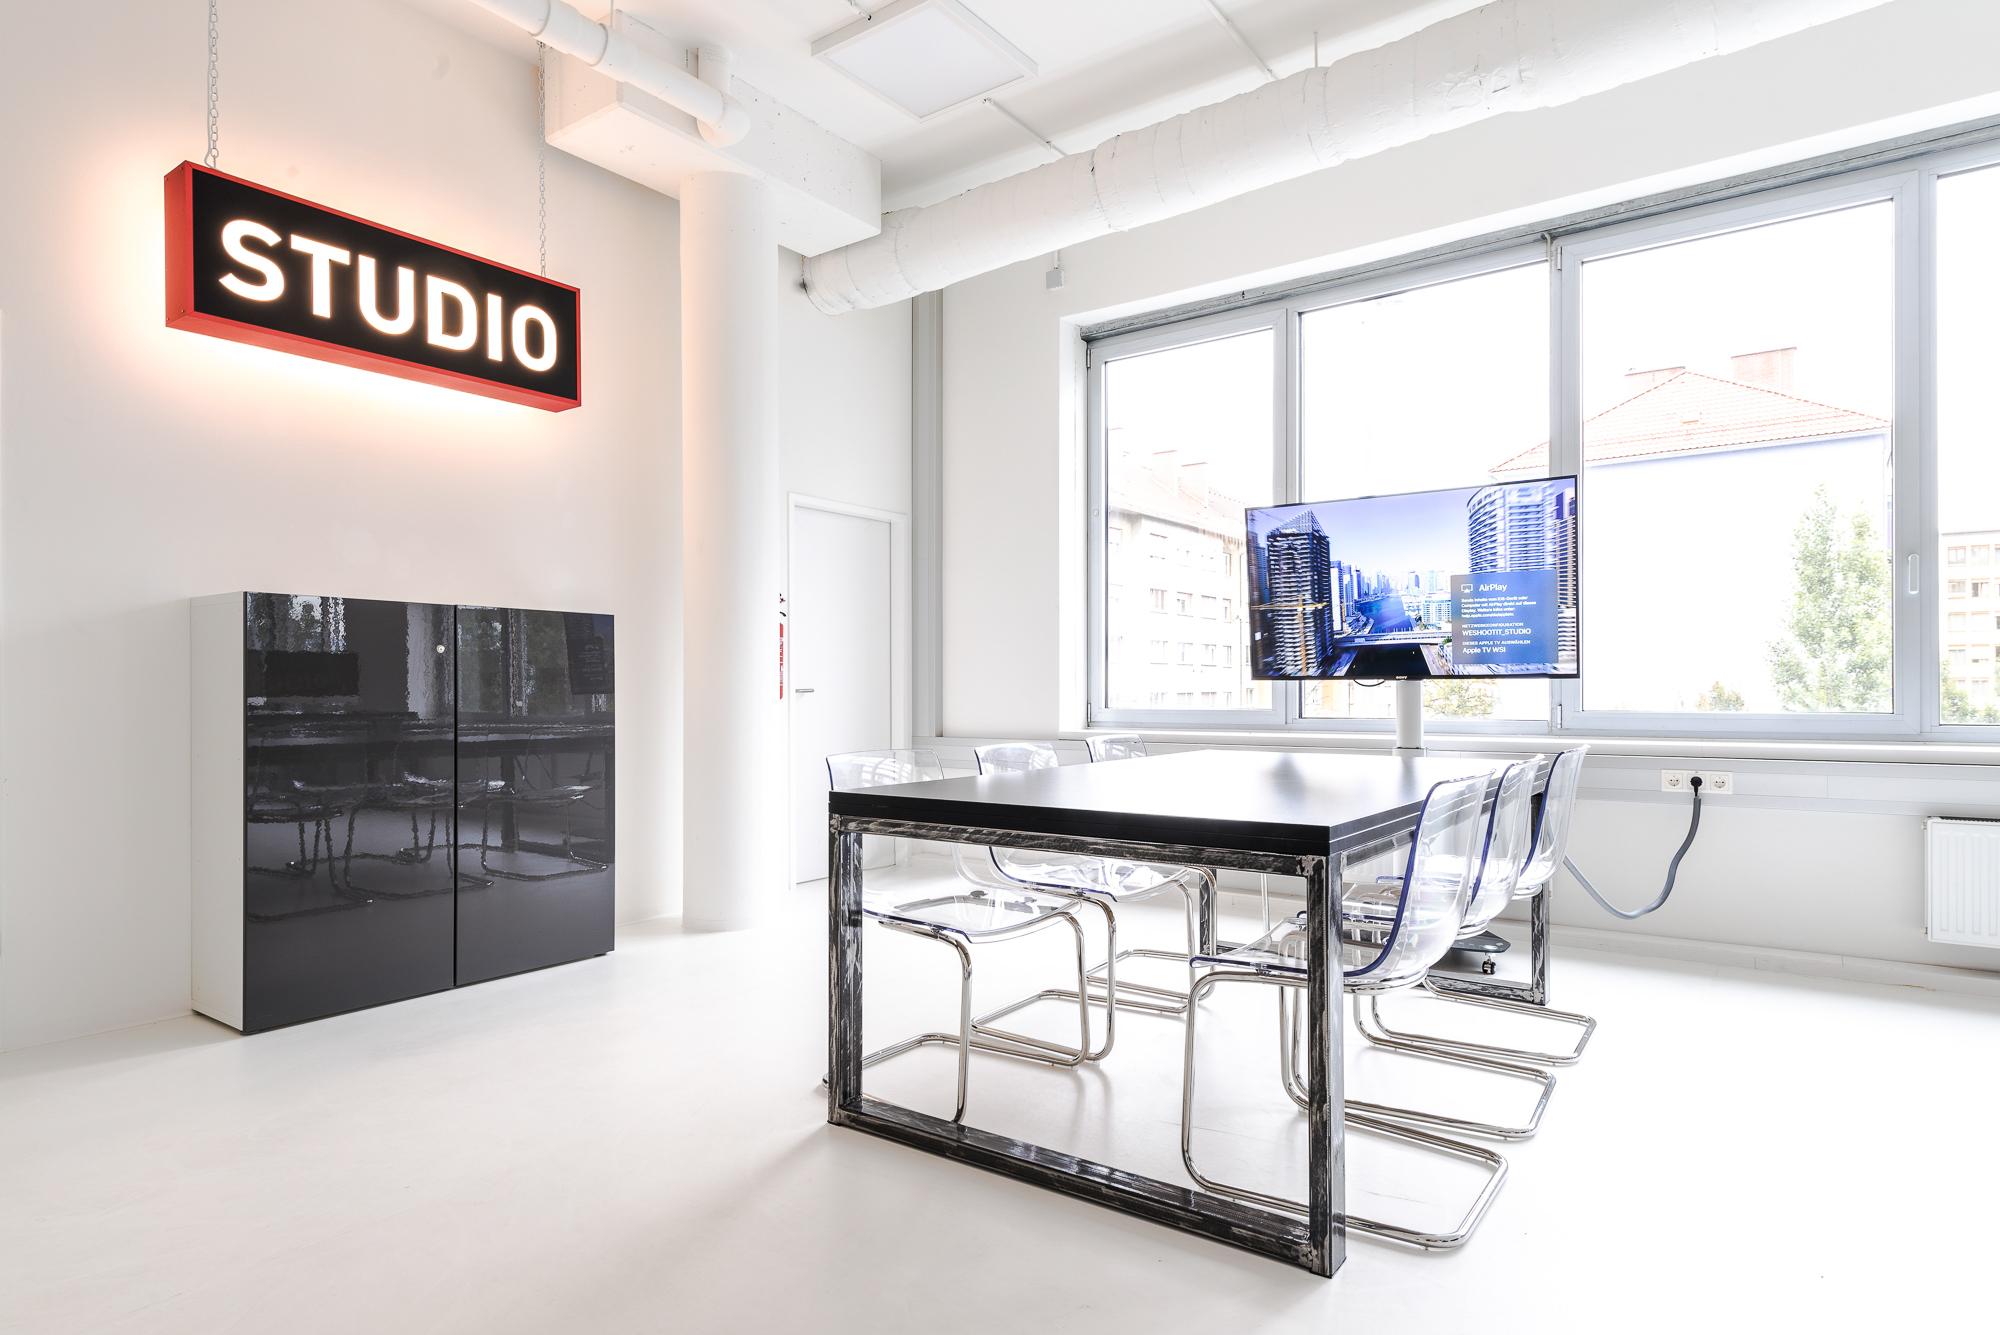 Studio-Interieur_0001__JK14297.jpg